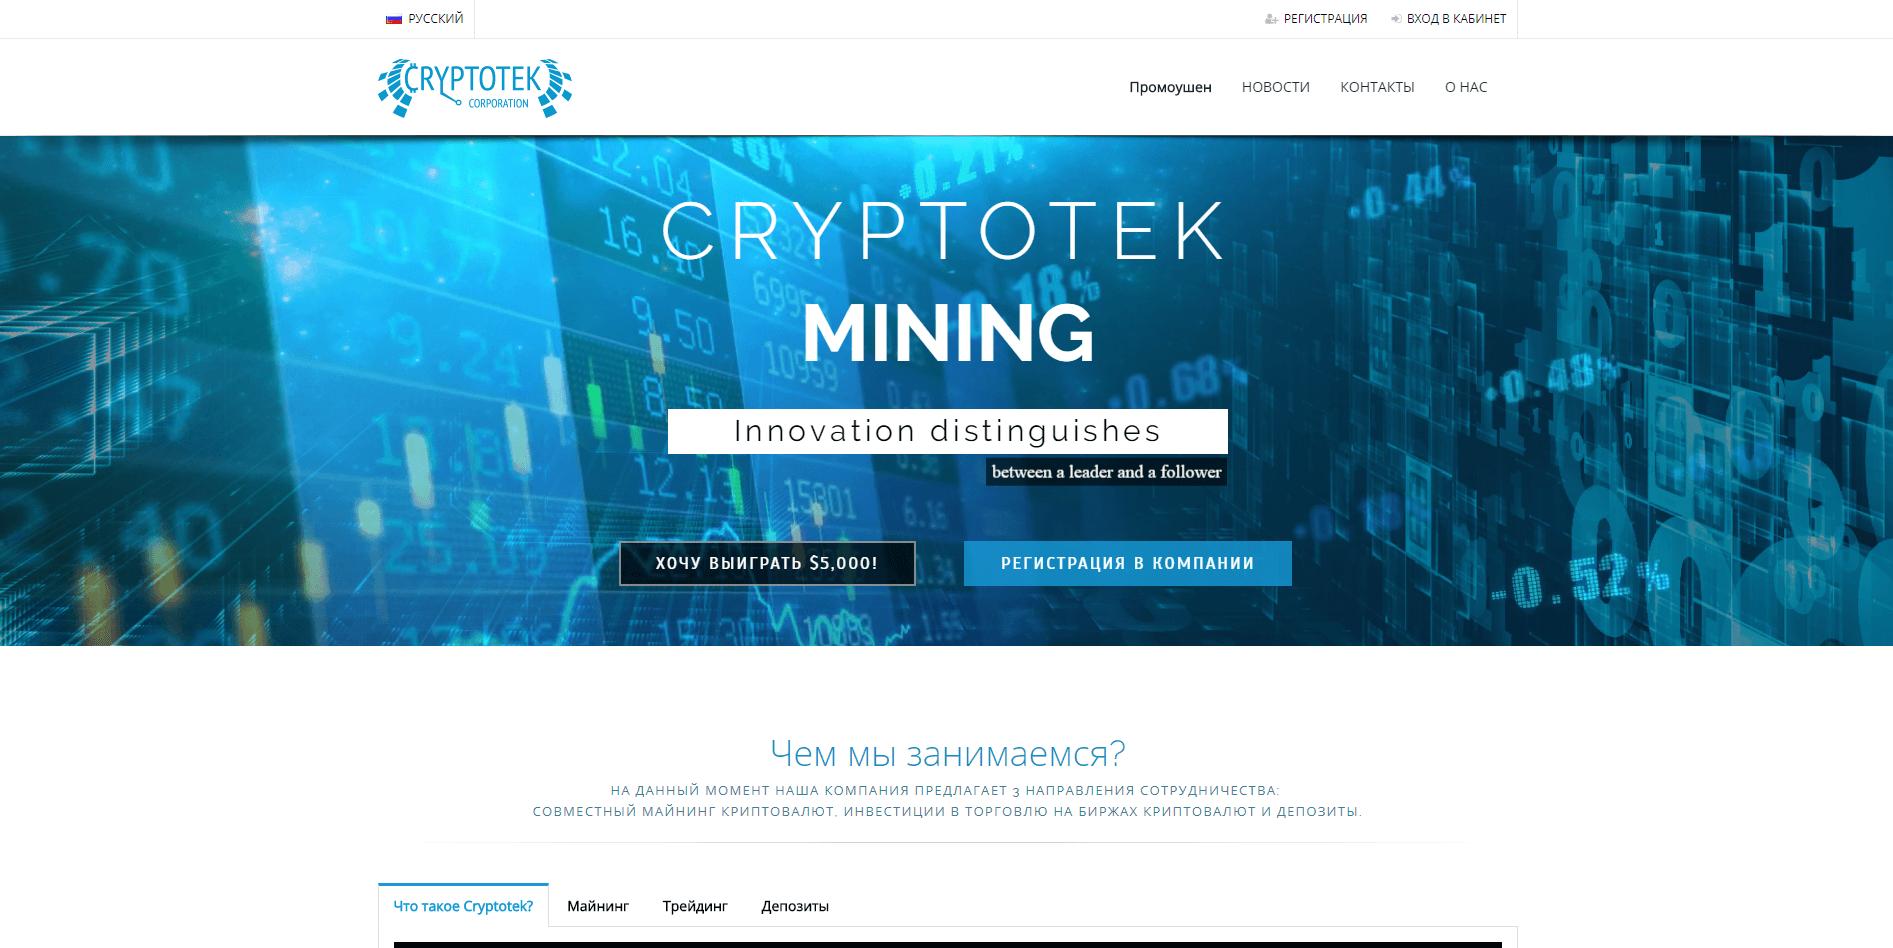 cryptotek главная страница